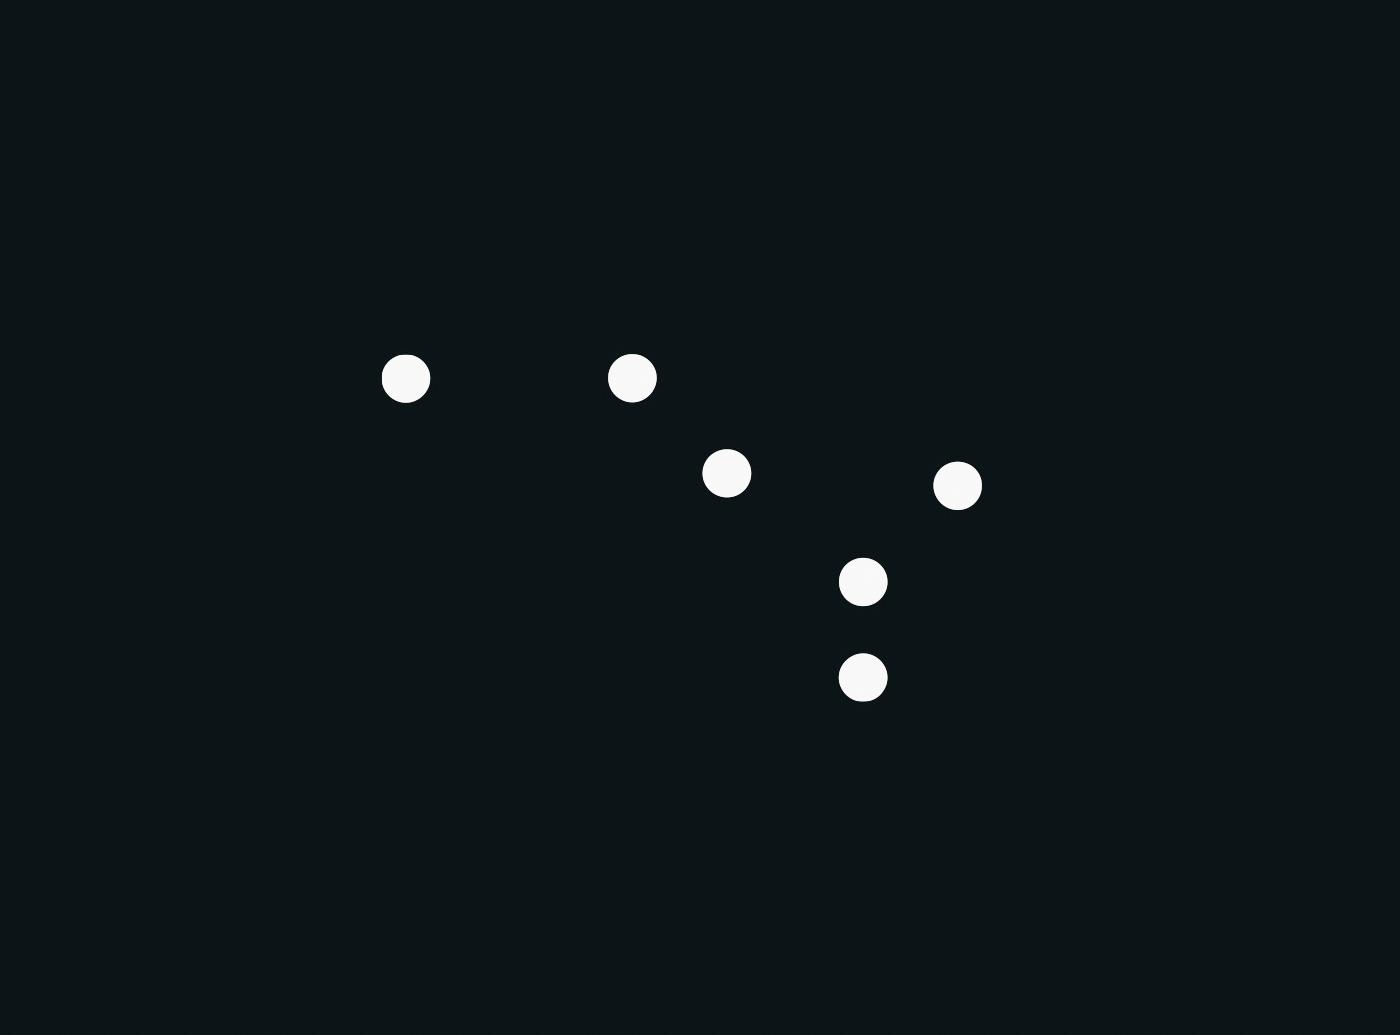 Alinka_braille.jpg